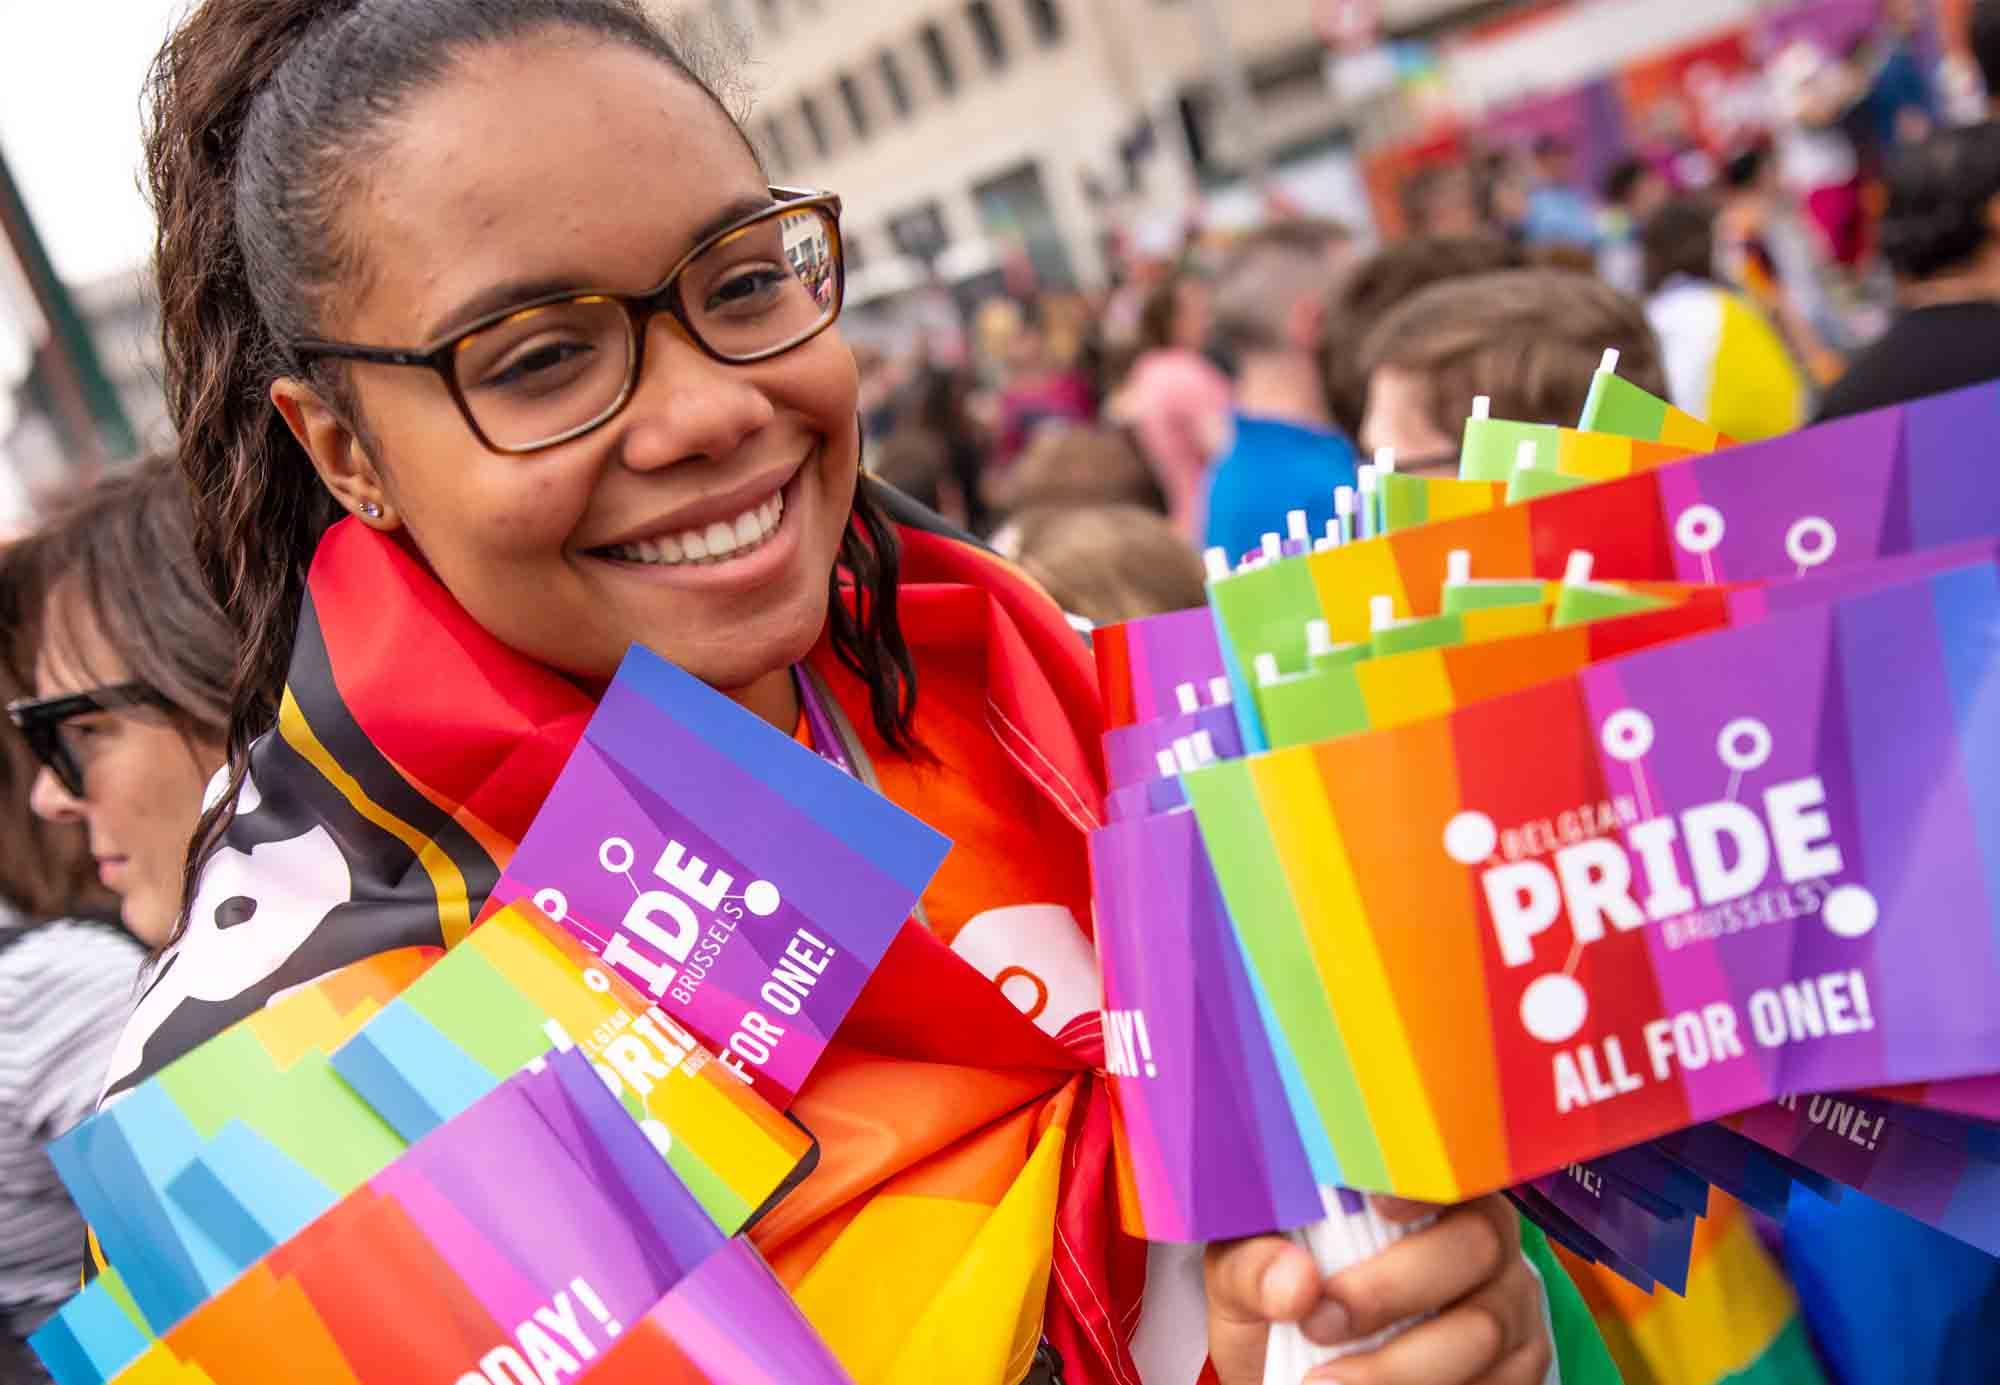 pride-brüssel-18-05-2019-_0106_Ebene 44.